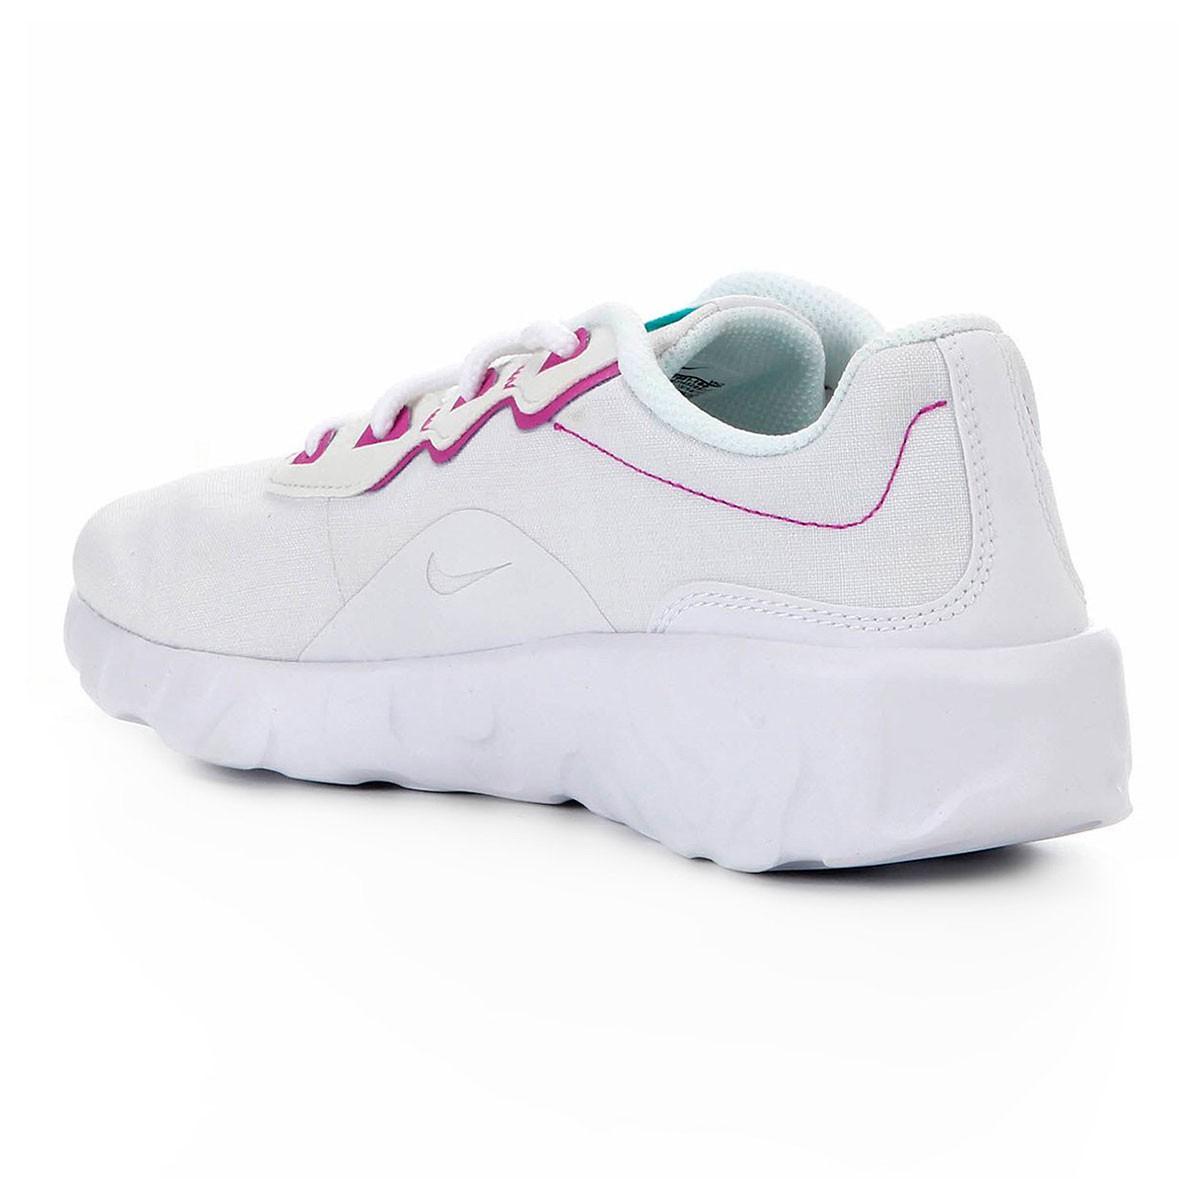 Tênis Nike Explore Strada Feminino Branco